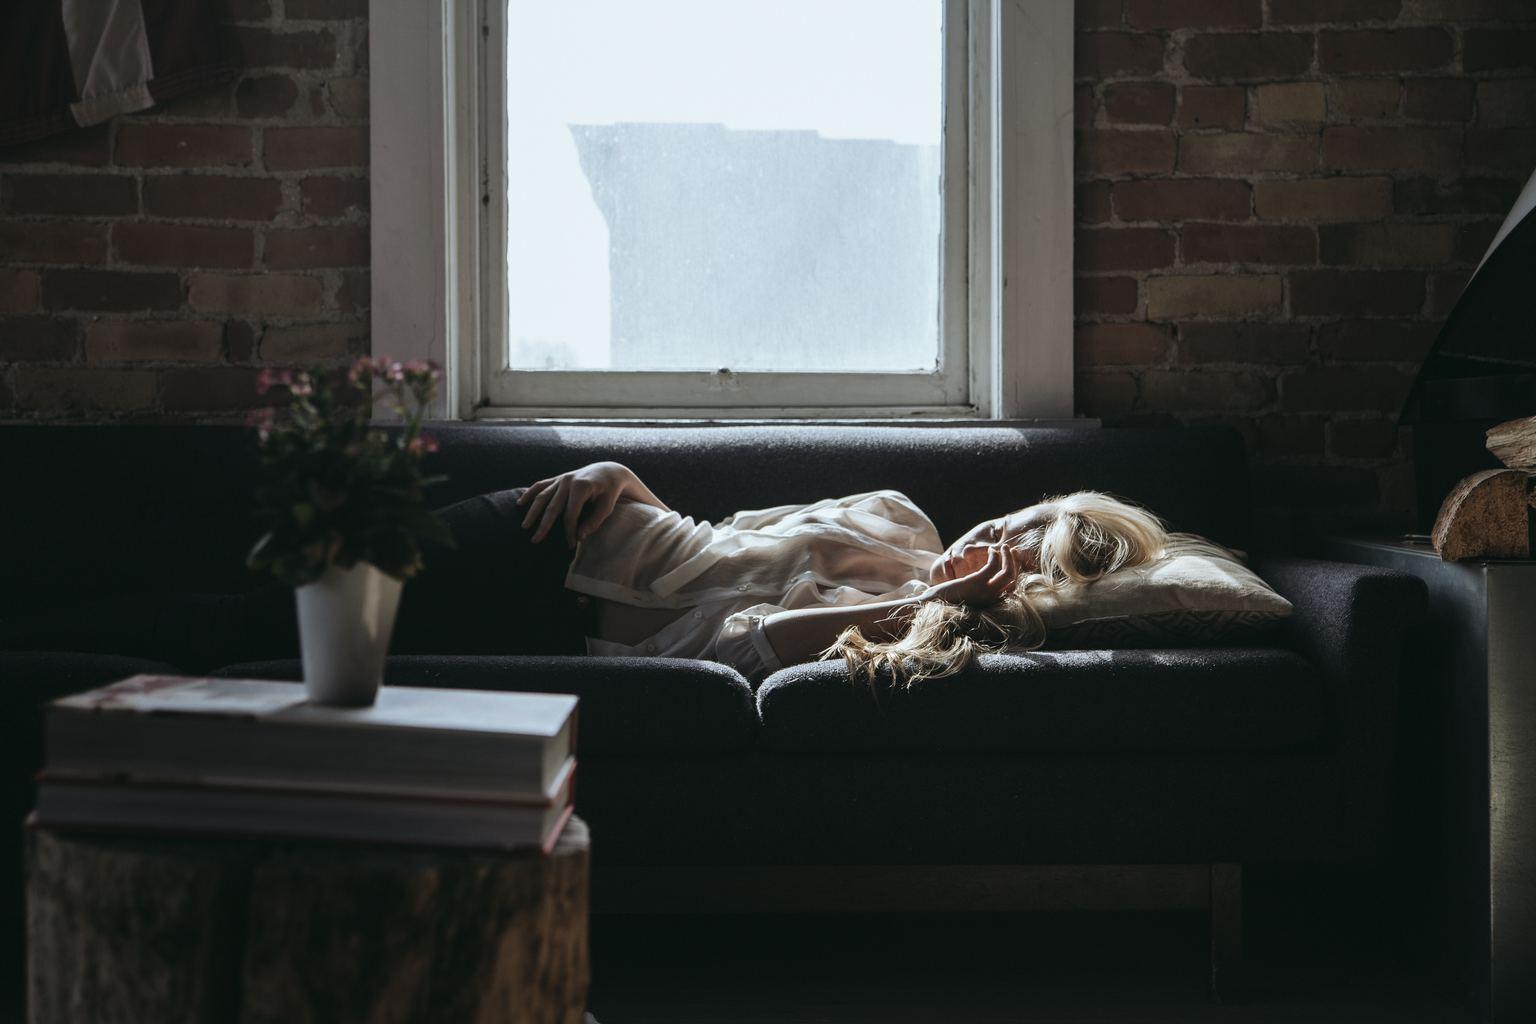 Fotografía de una modelo en un sofá